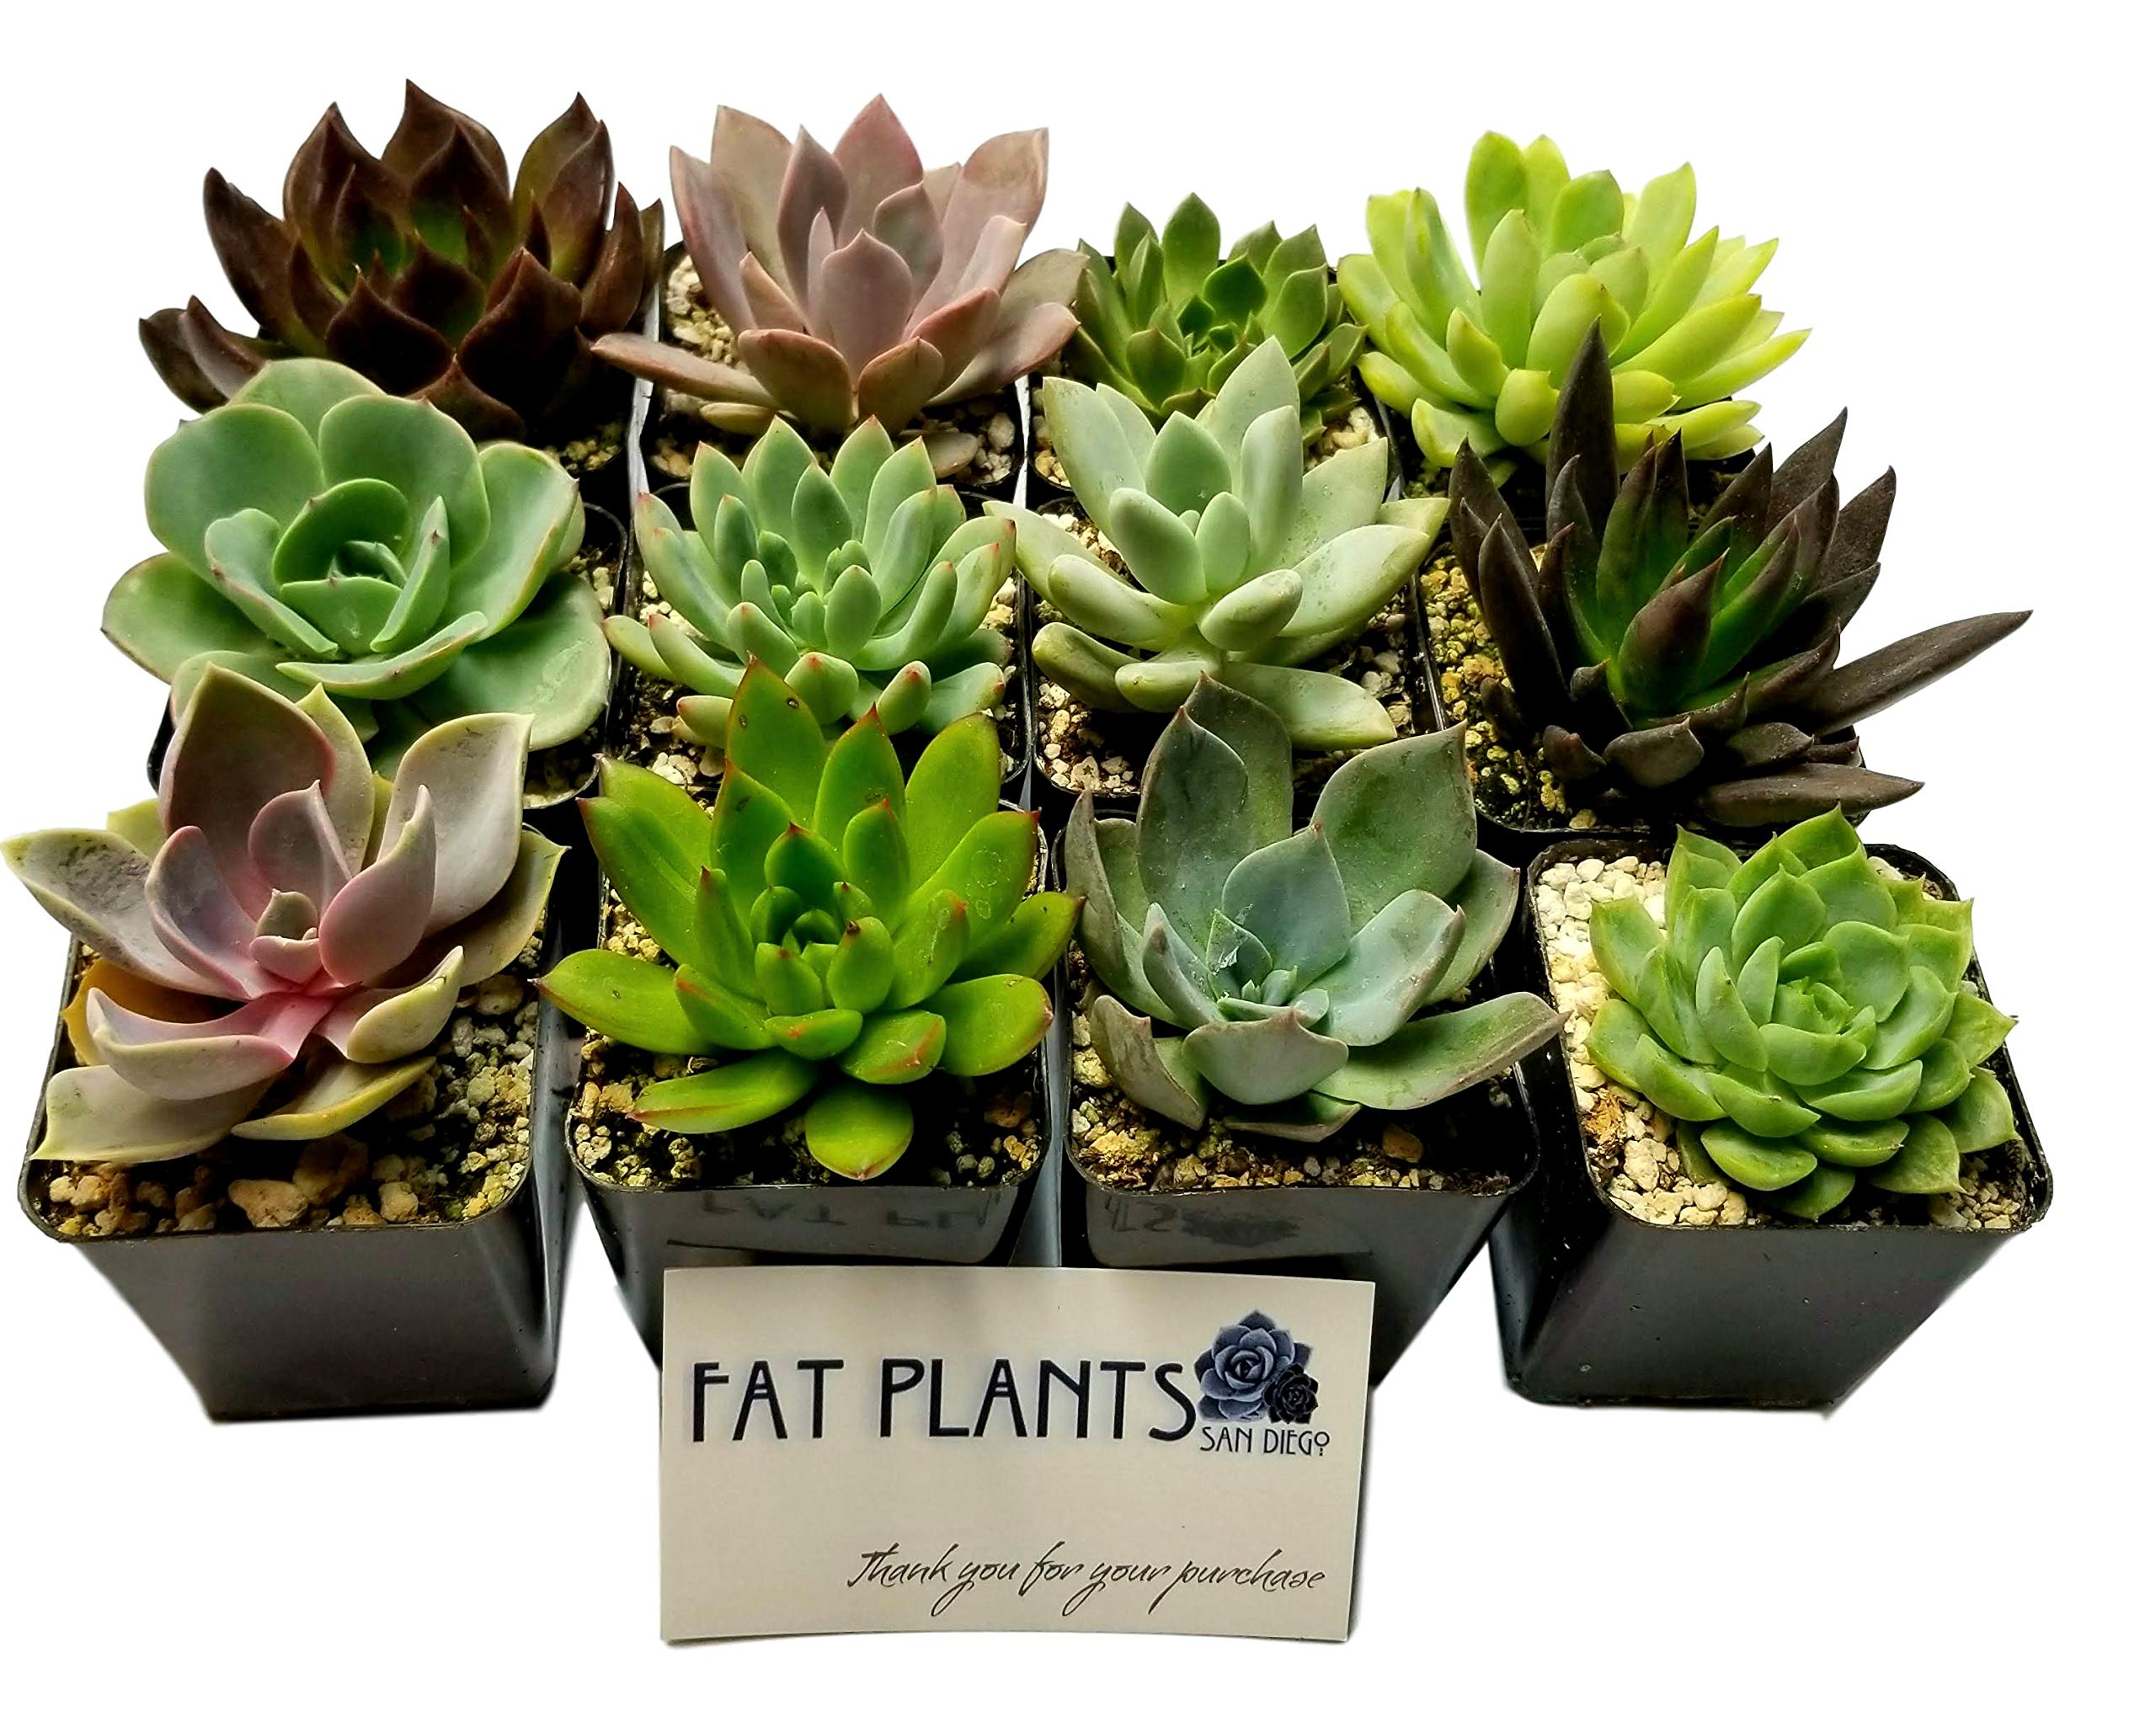 Fat Plants San Diego Premium Mini Succulent Plants in Pots